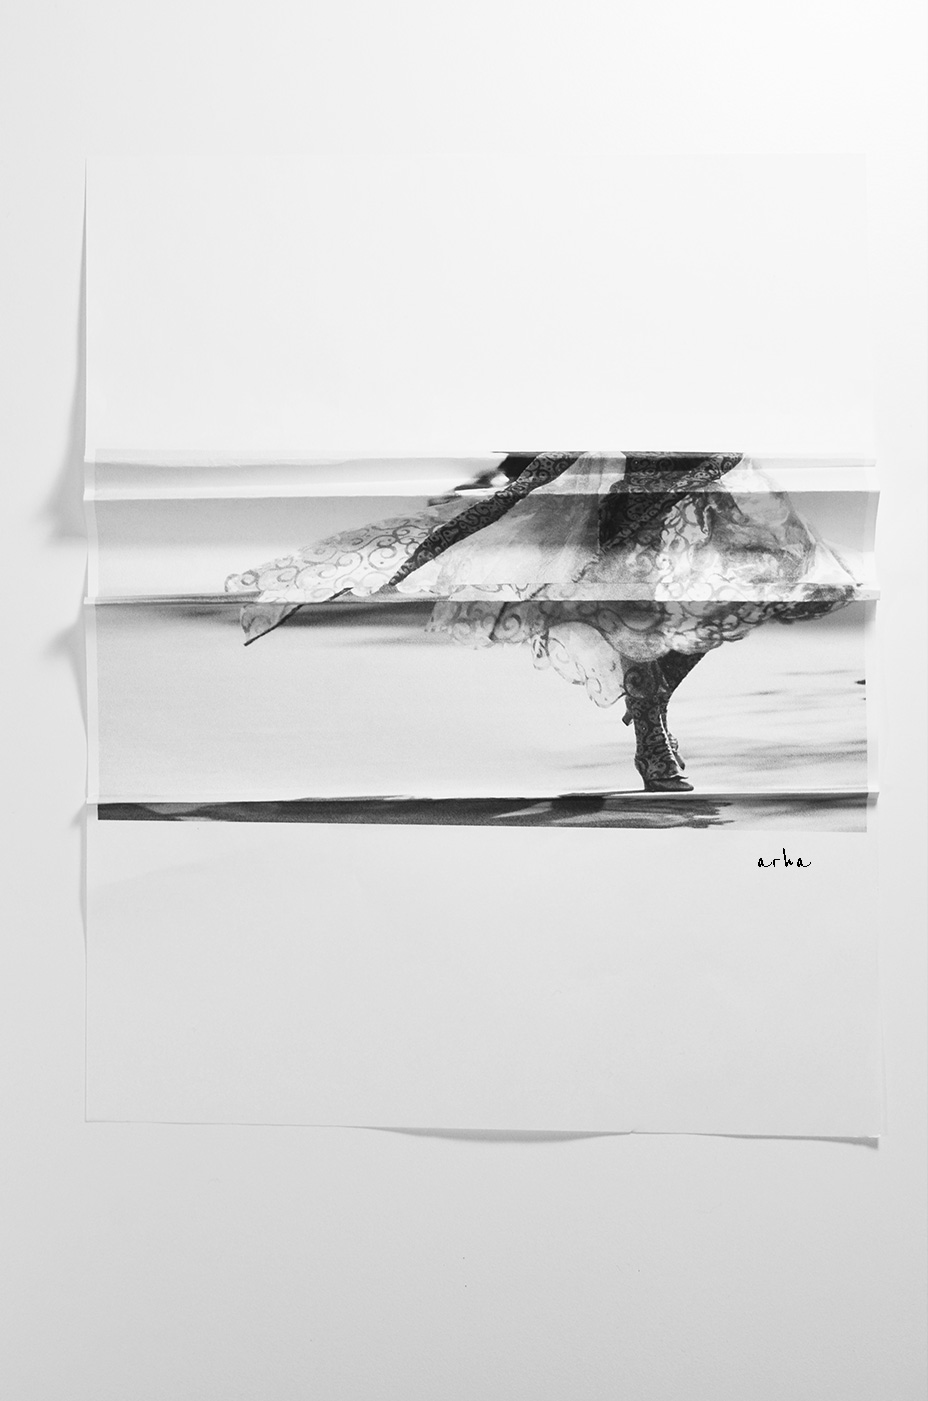 turn-minimalism-copyright-2013-arha-Tomomichi-Morifuji